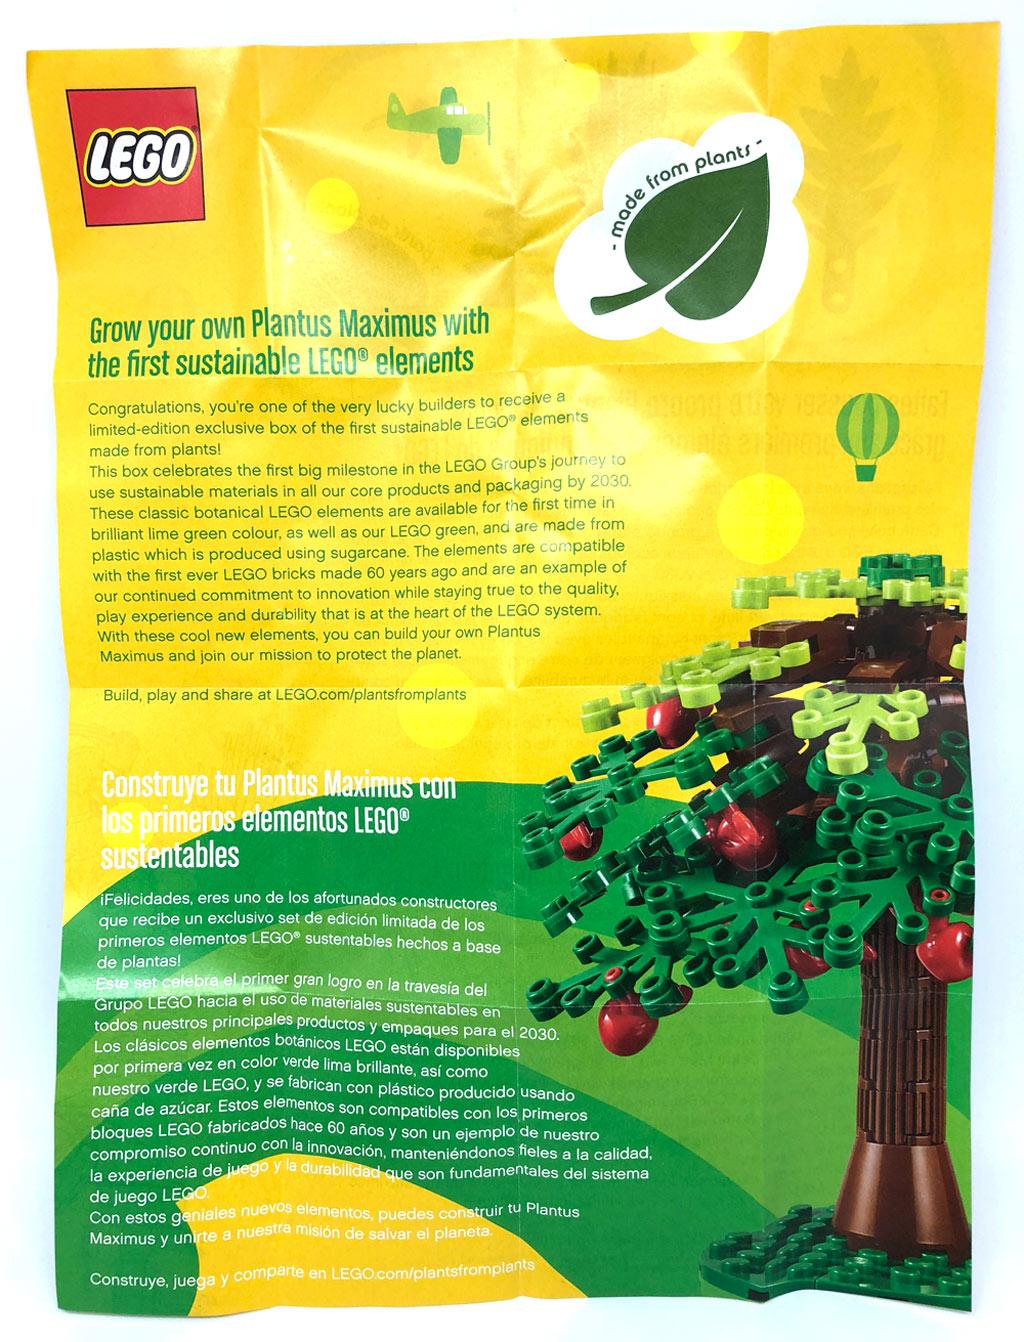 lego-pflanzen-aus-pflanzen-40320-flyer-2018-zusammengebaut-matthias-kuhnt zusammengebaut.com